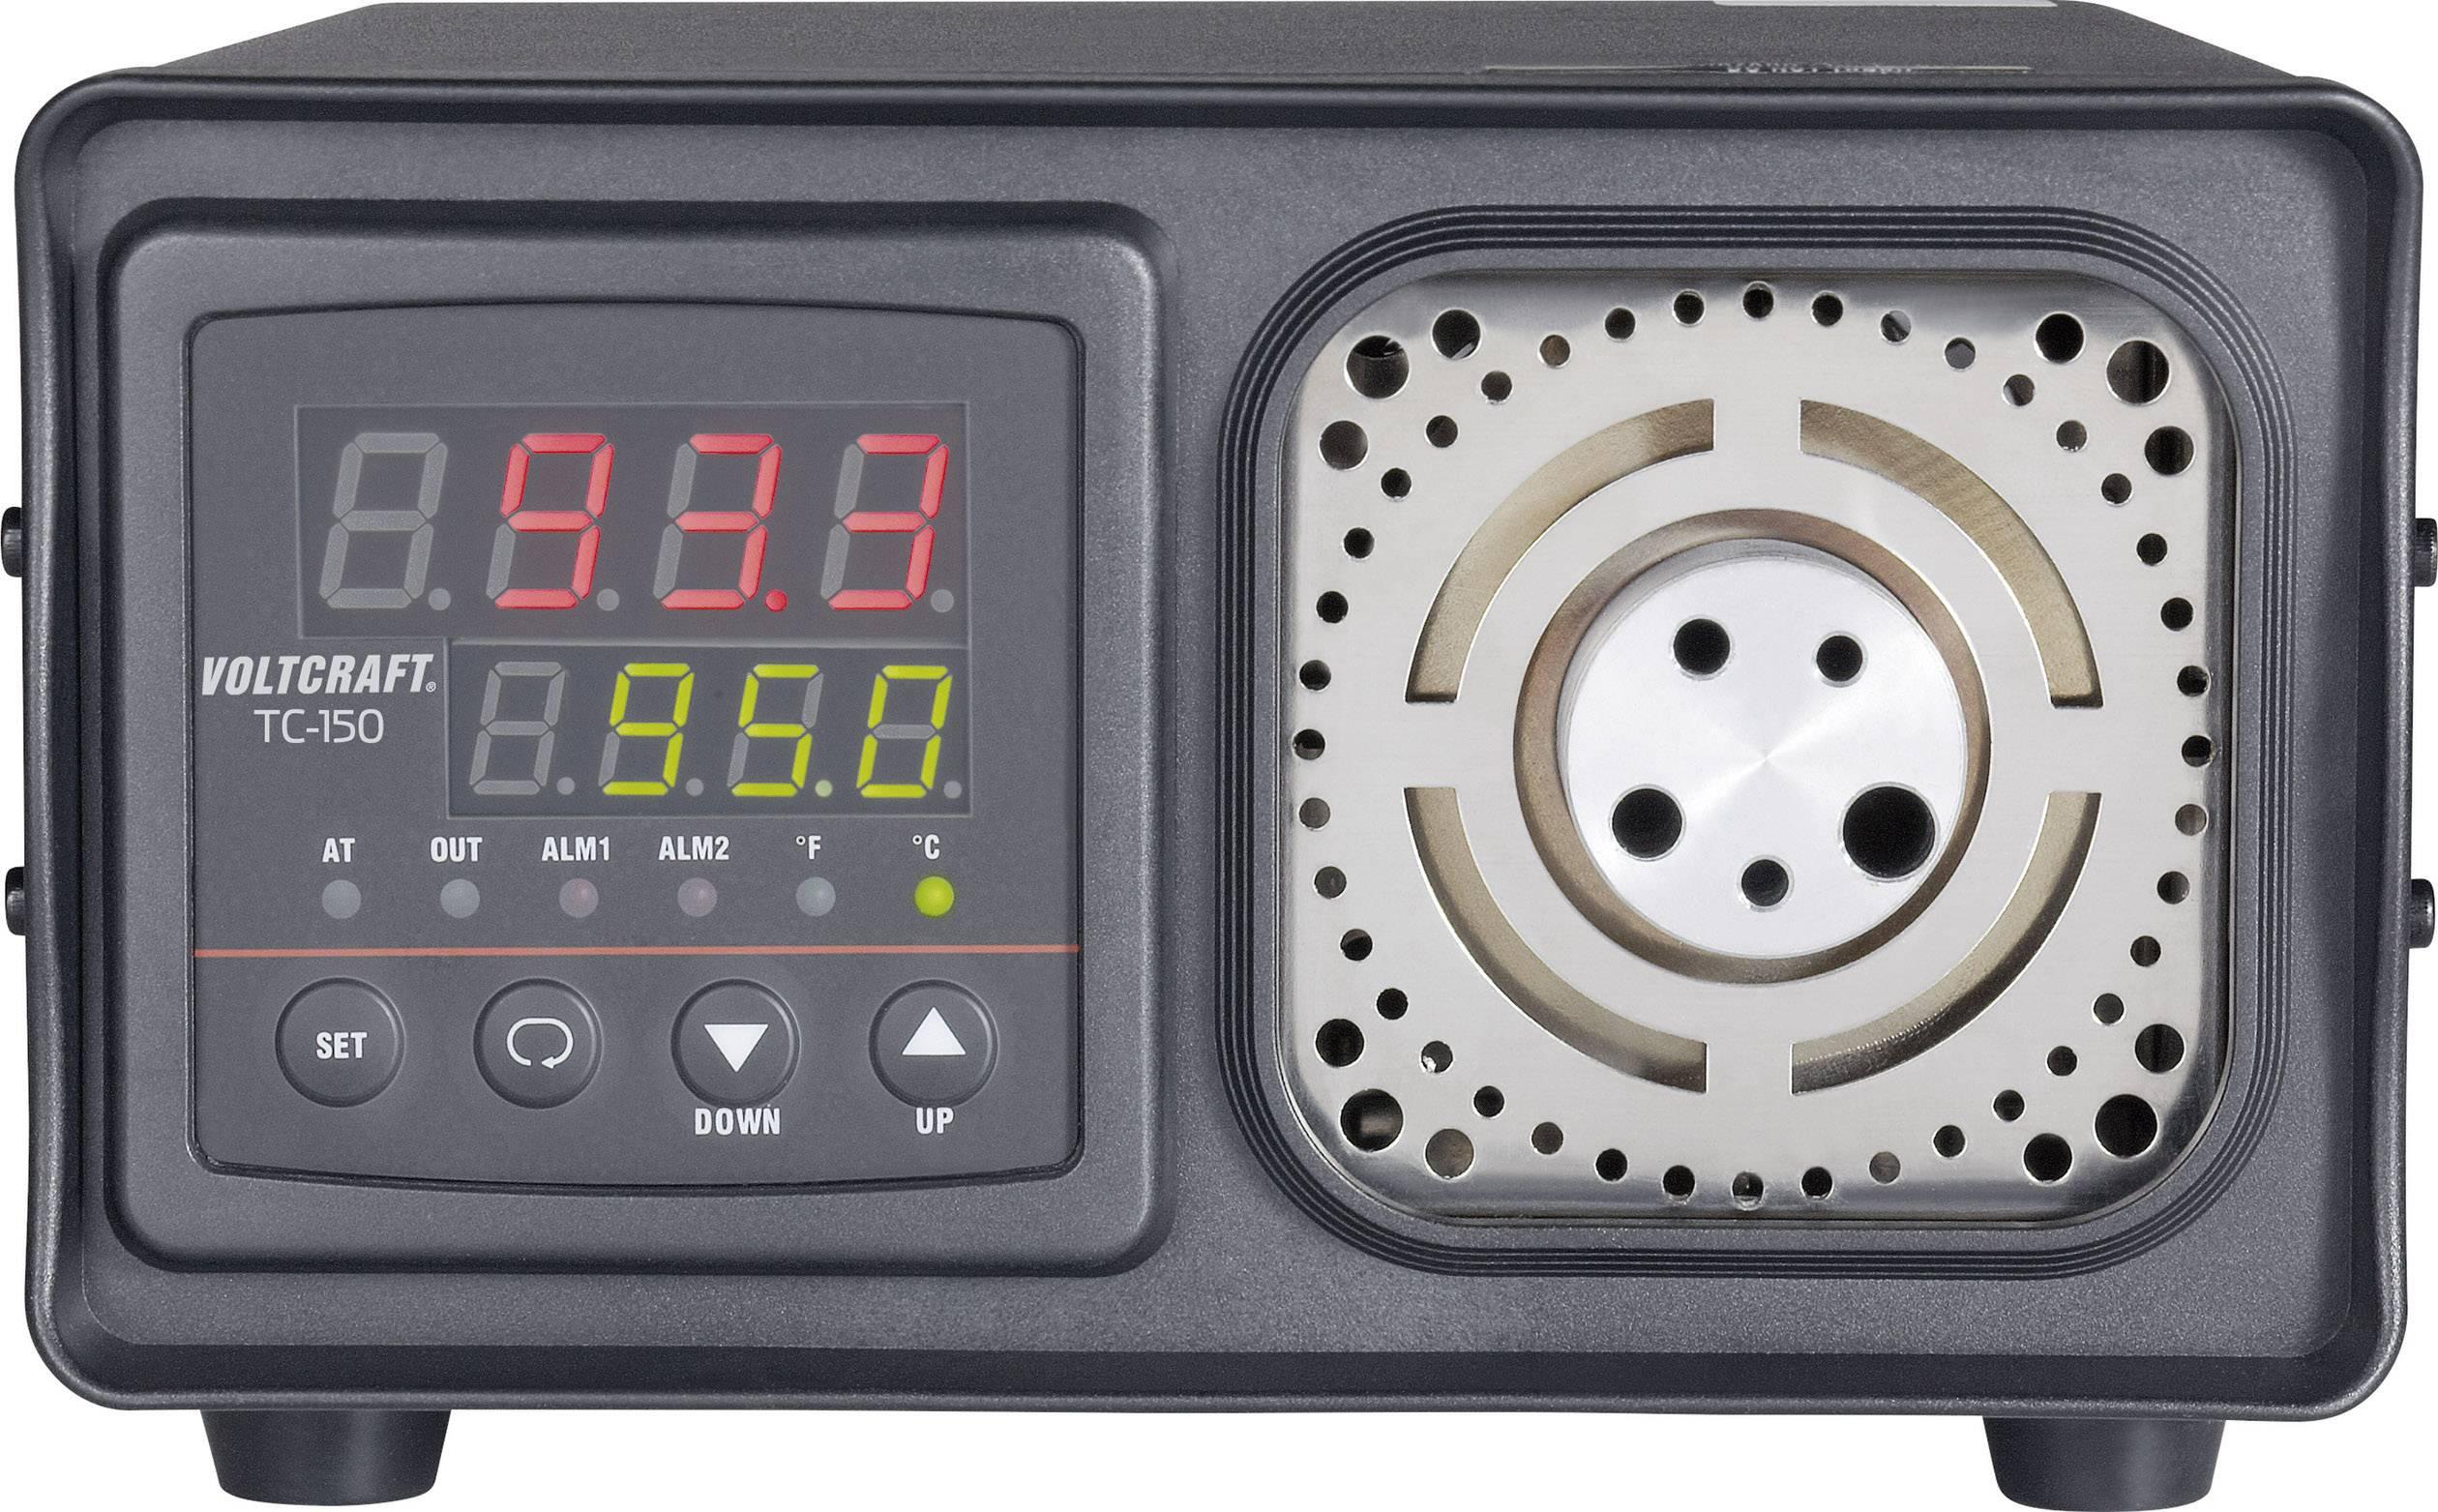 Kalibrátor kontaktních teploměrů Voltcraft TC-150, kalibrováno dle ISO